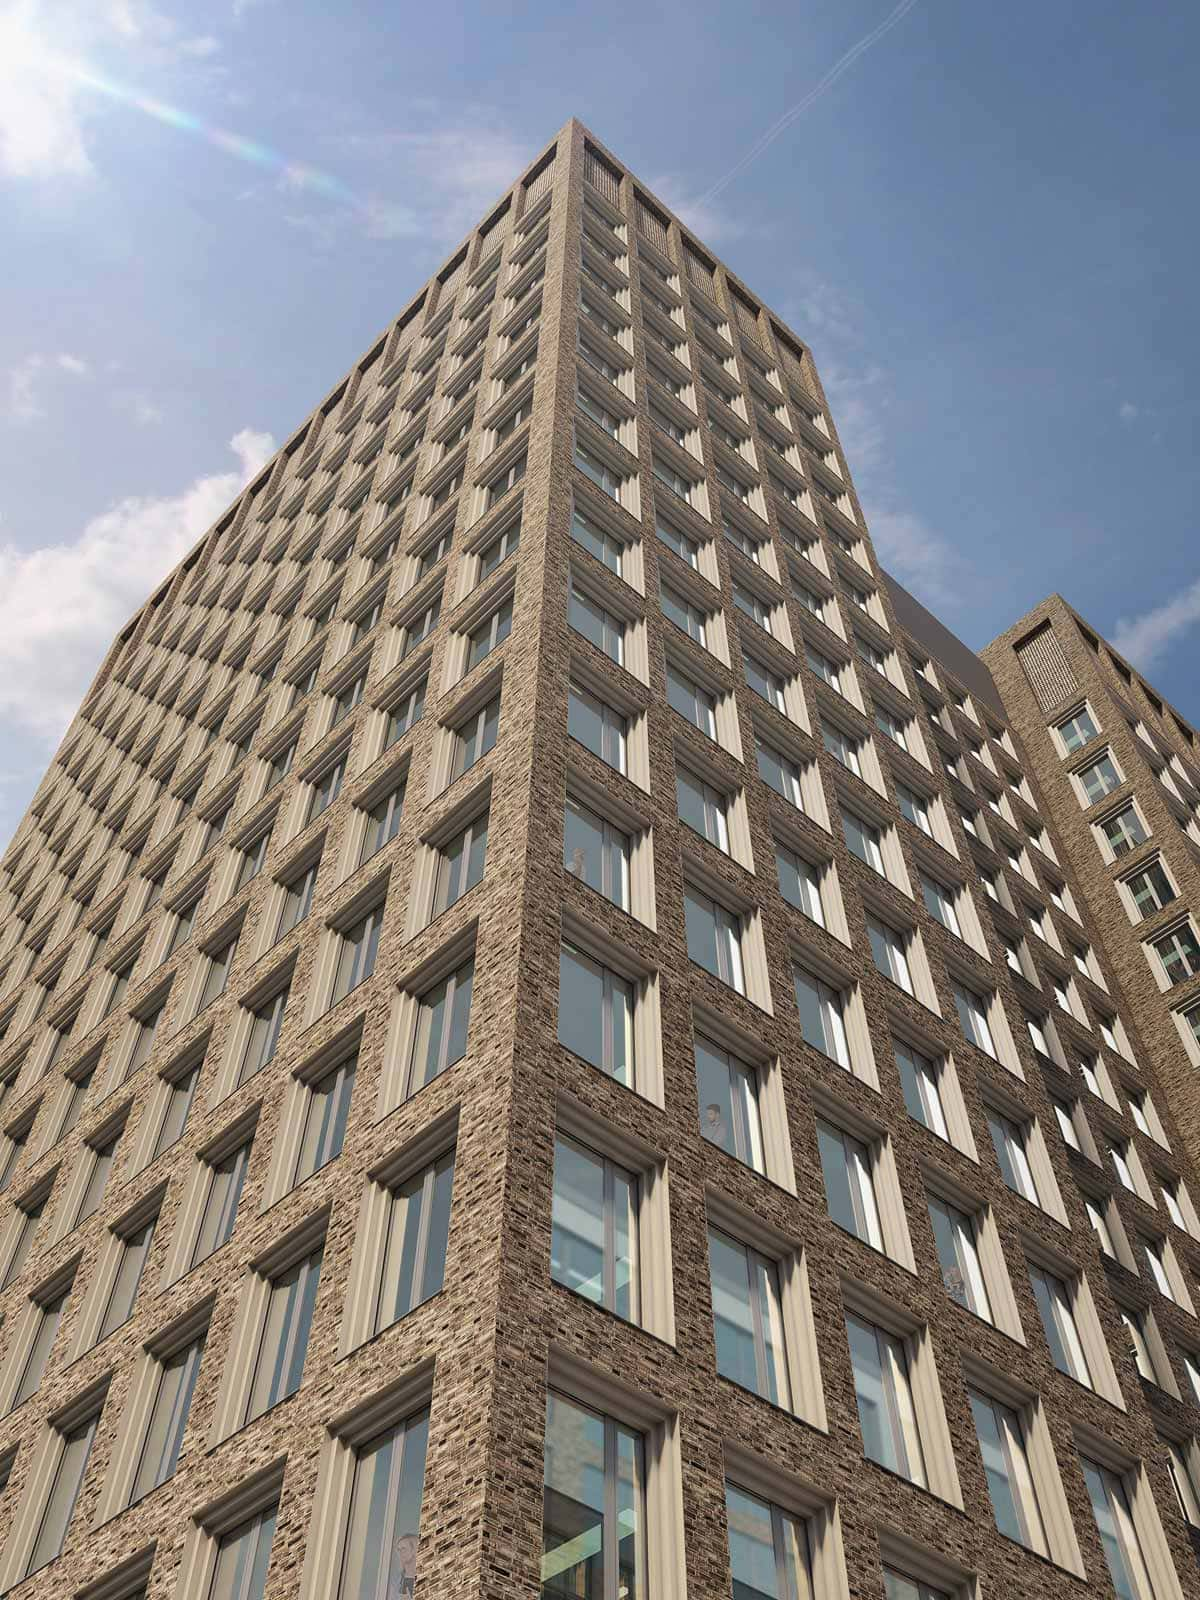 kraftvoller entwurf aldinger architekten gewinnen gestaltungswettbewerb db tower in frankfurt. Black Bedroom Furniture Sets. Home Design Ideas